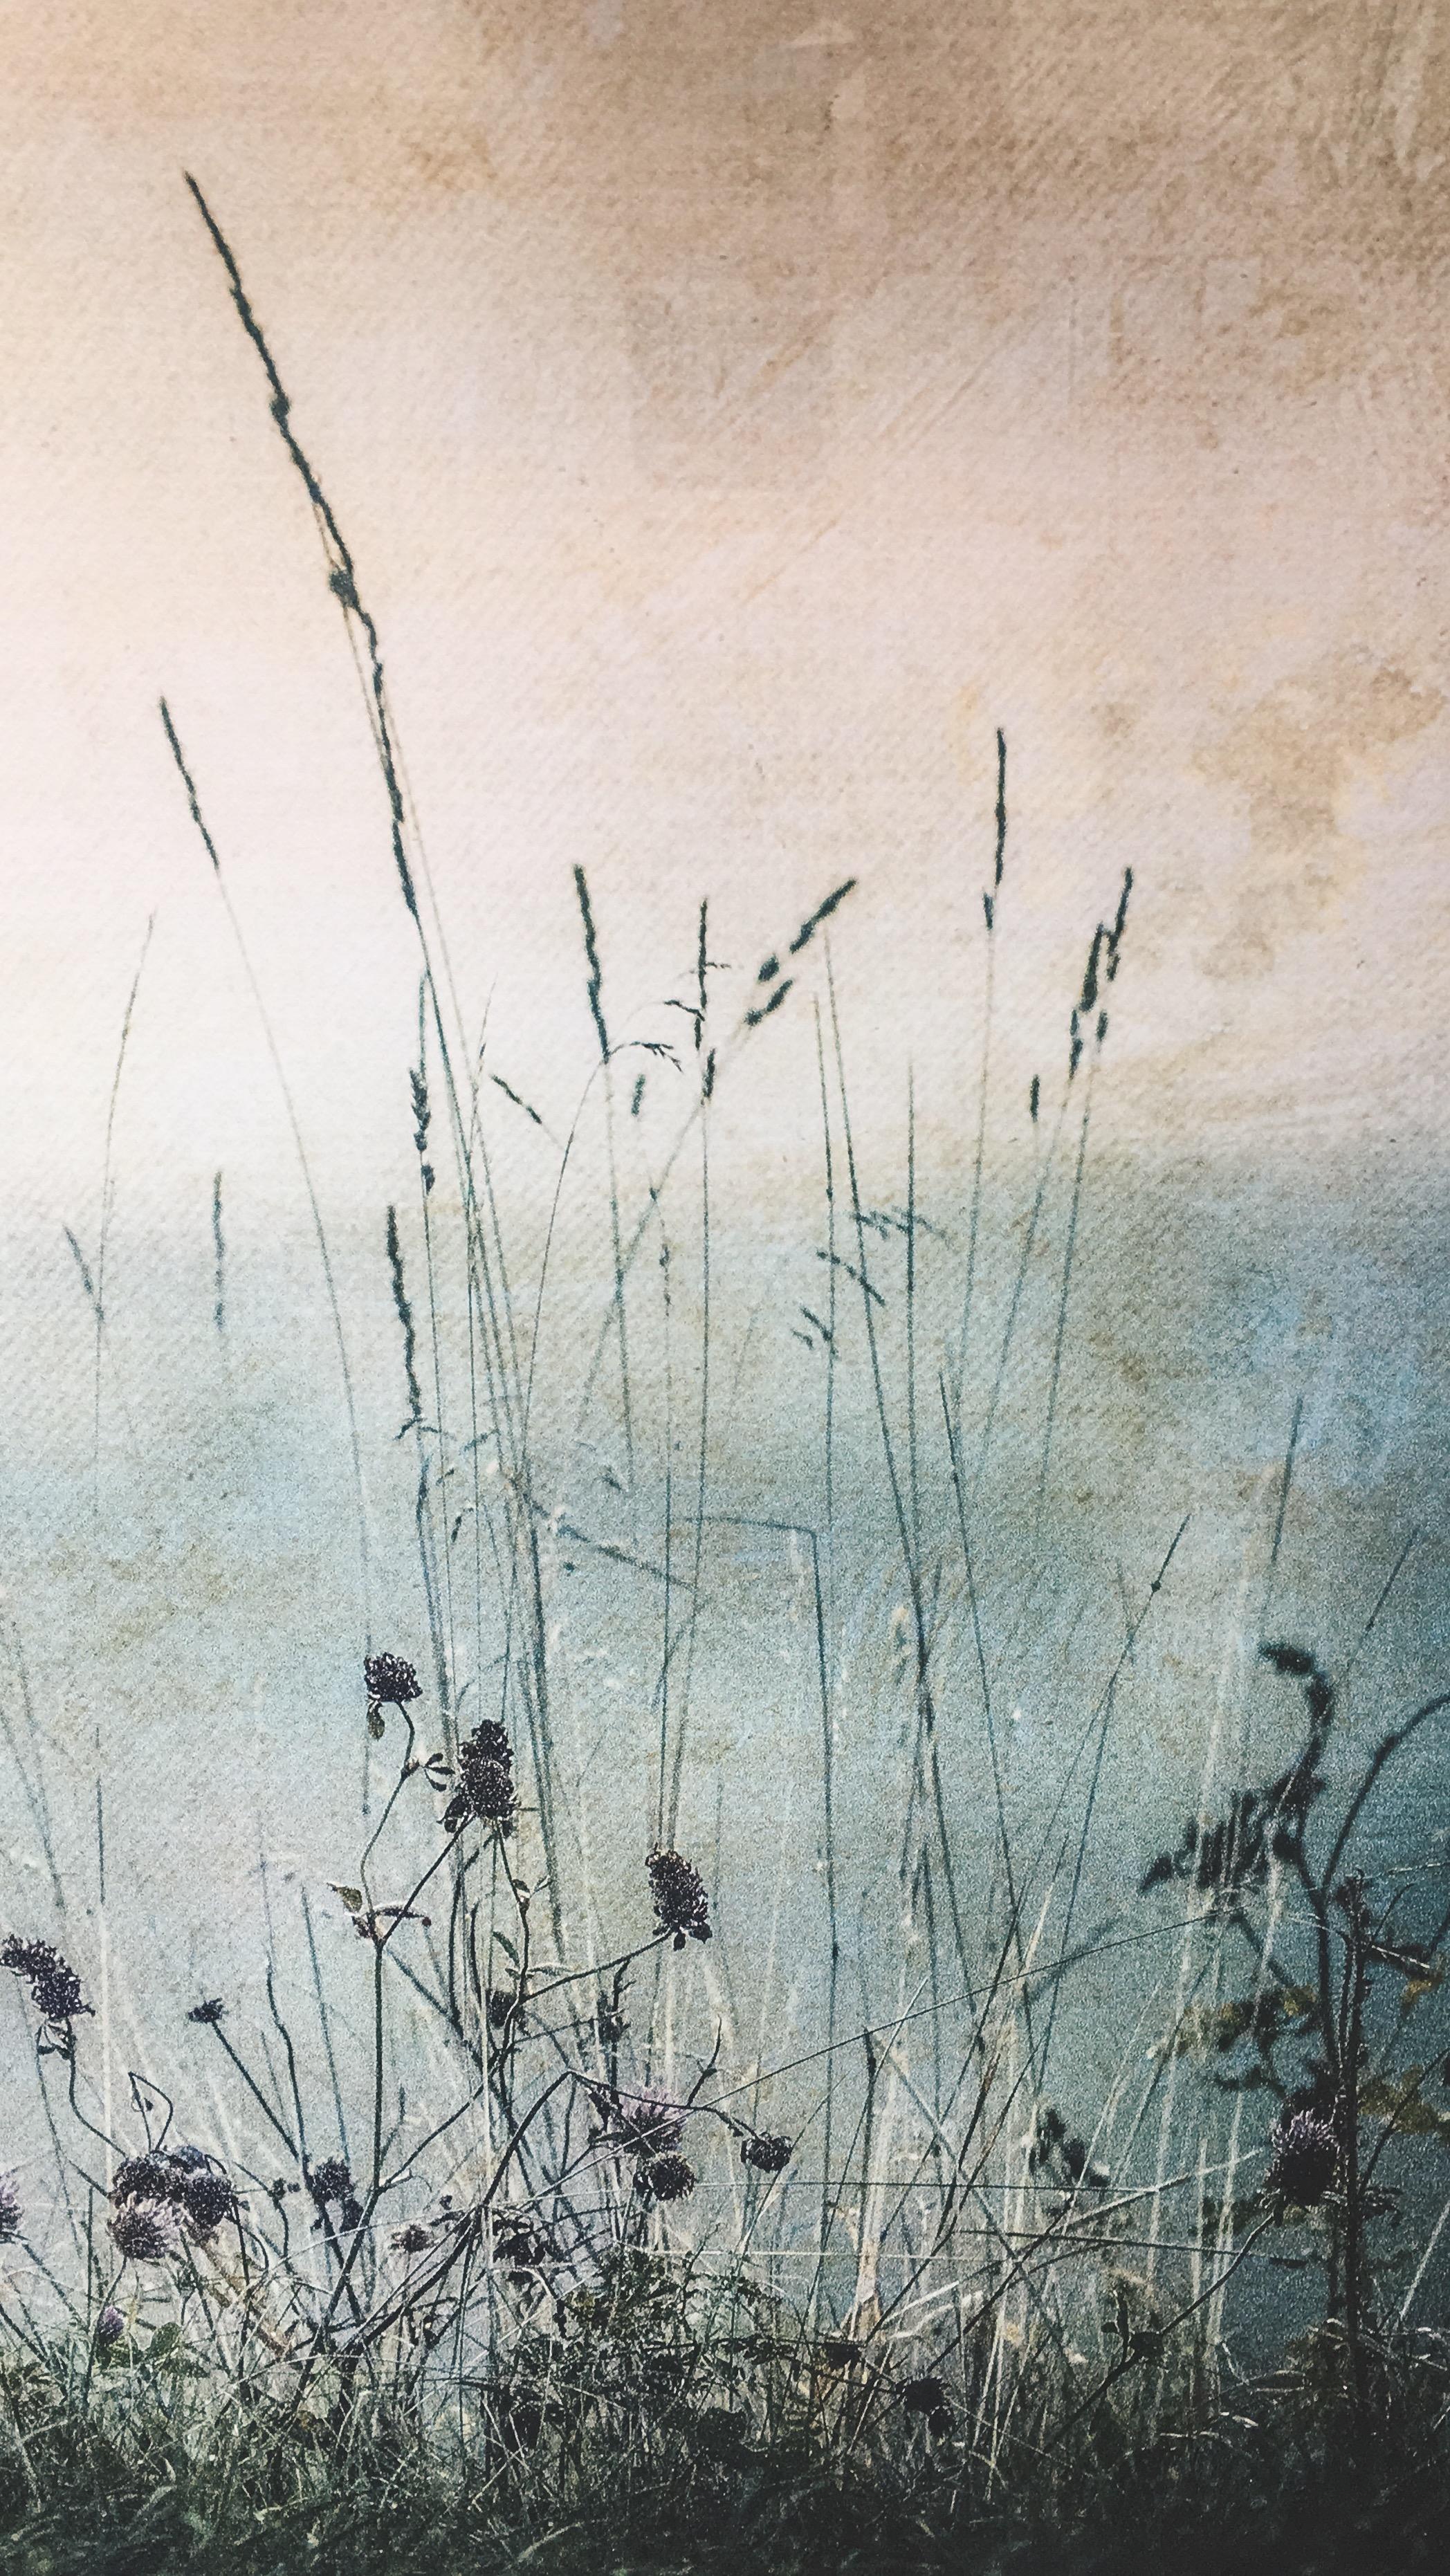 Floral meadow print